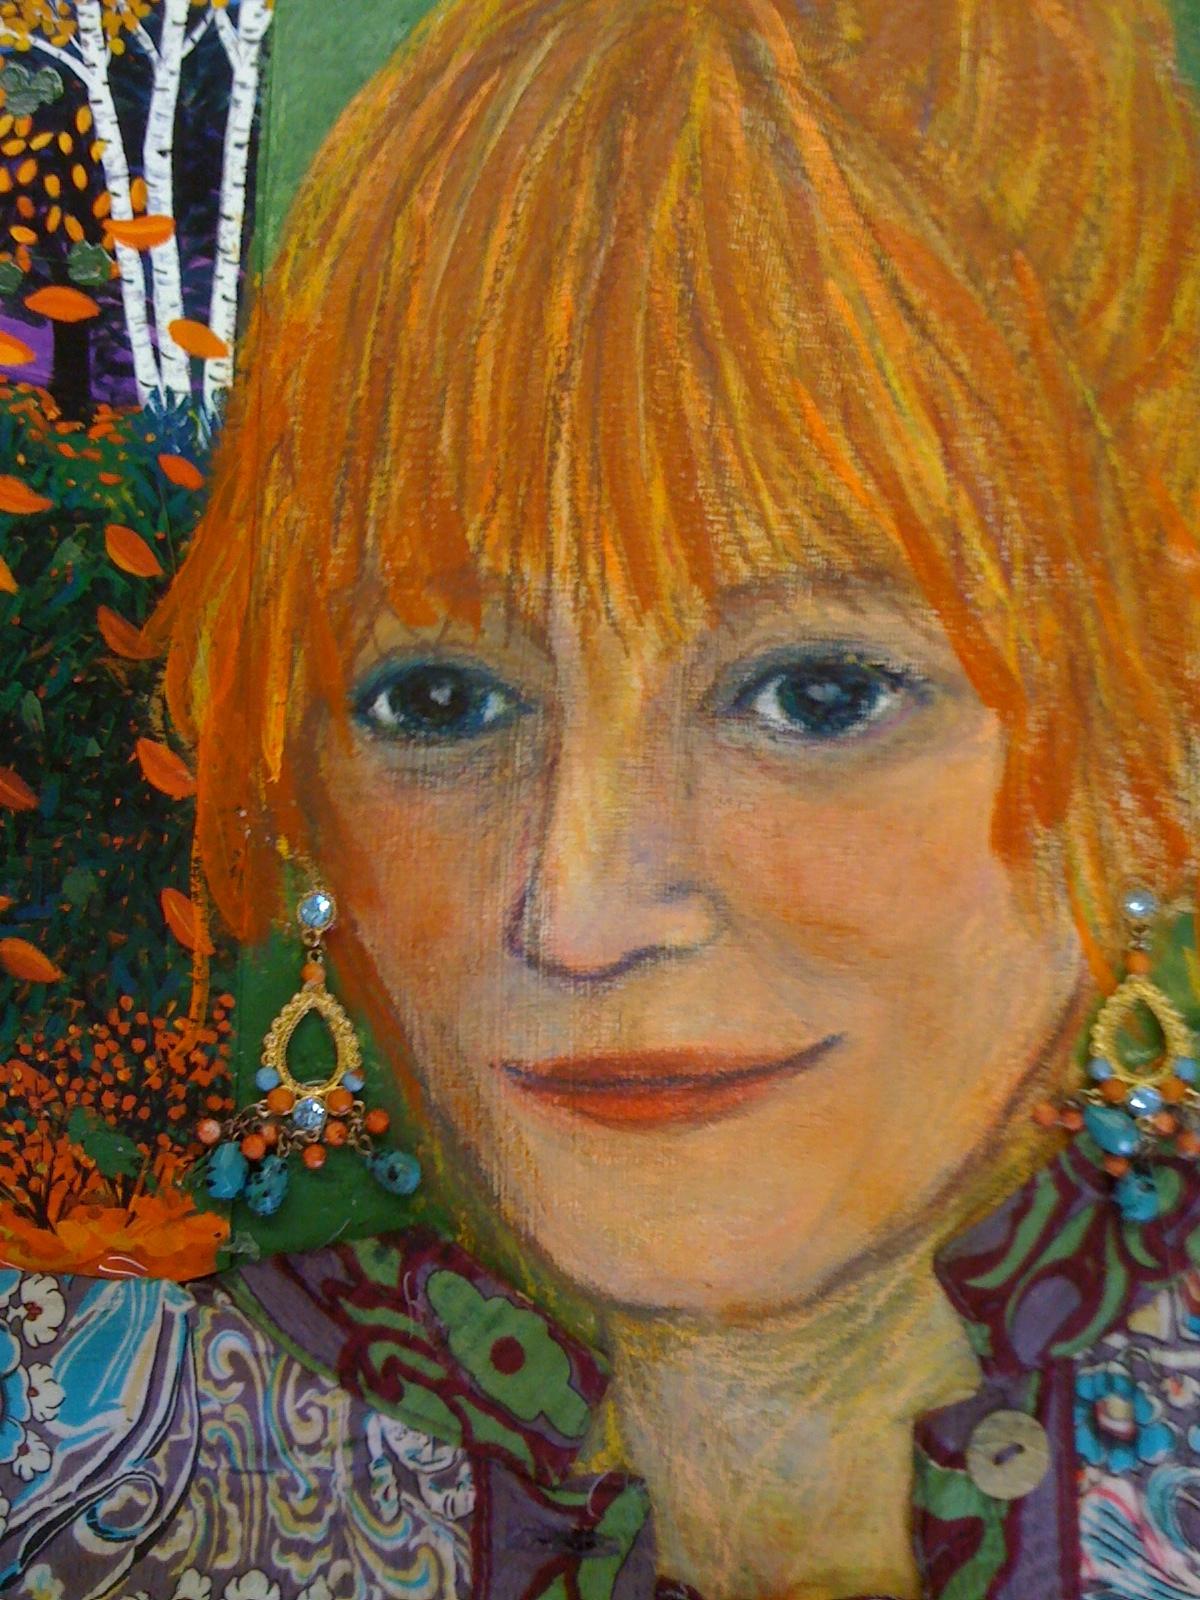 Evelyn Berde, self-portrait